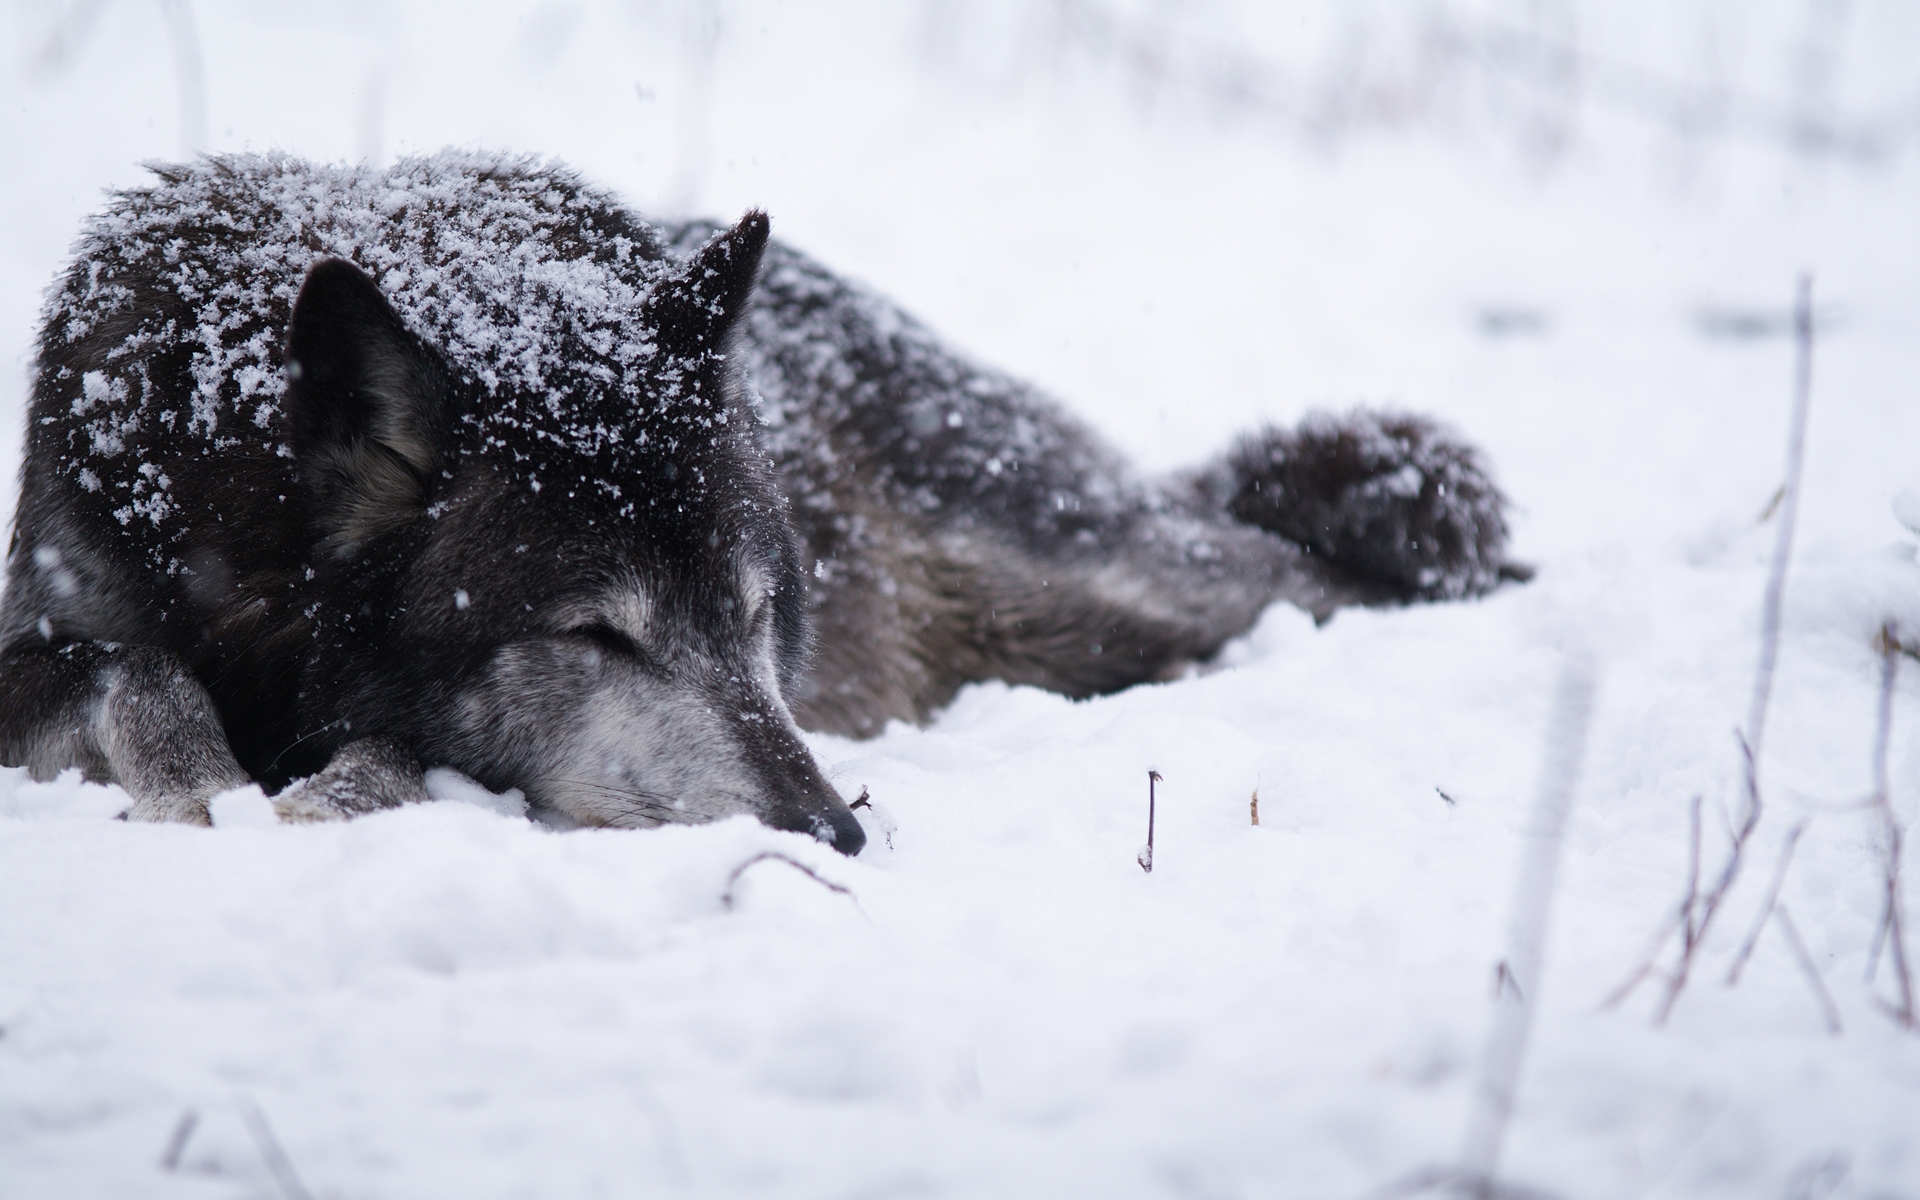 wolf wallpaper A14